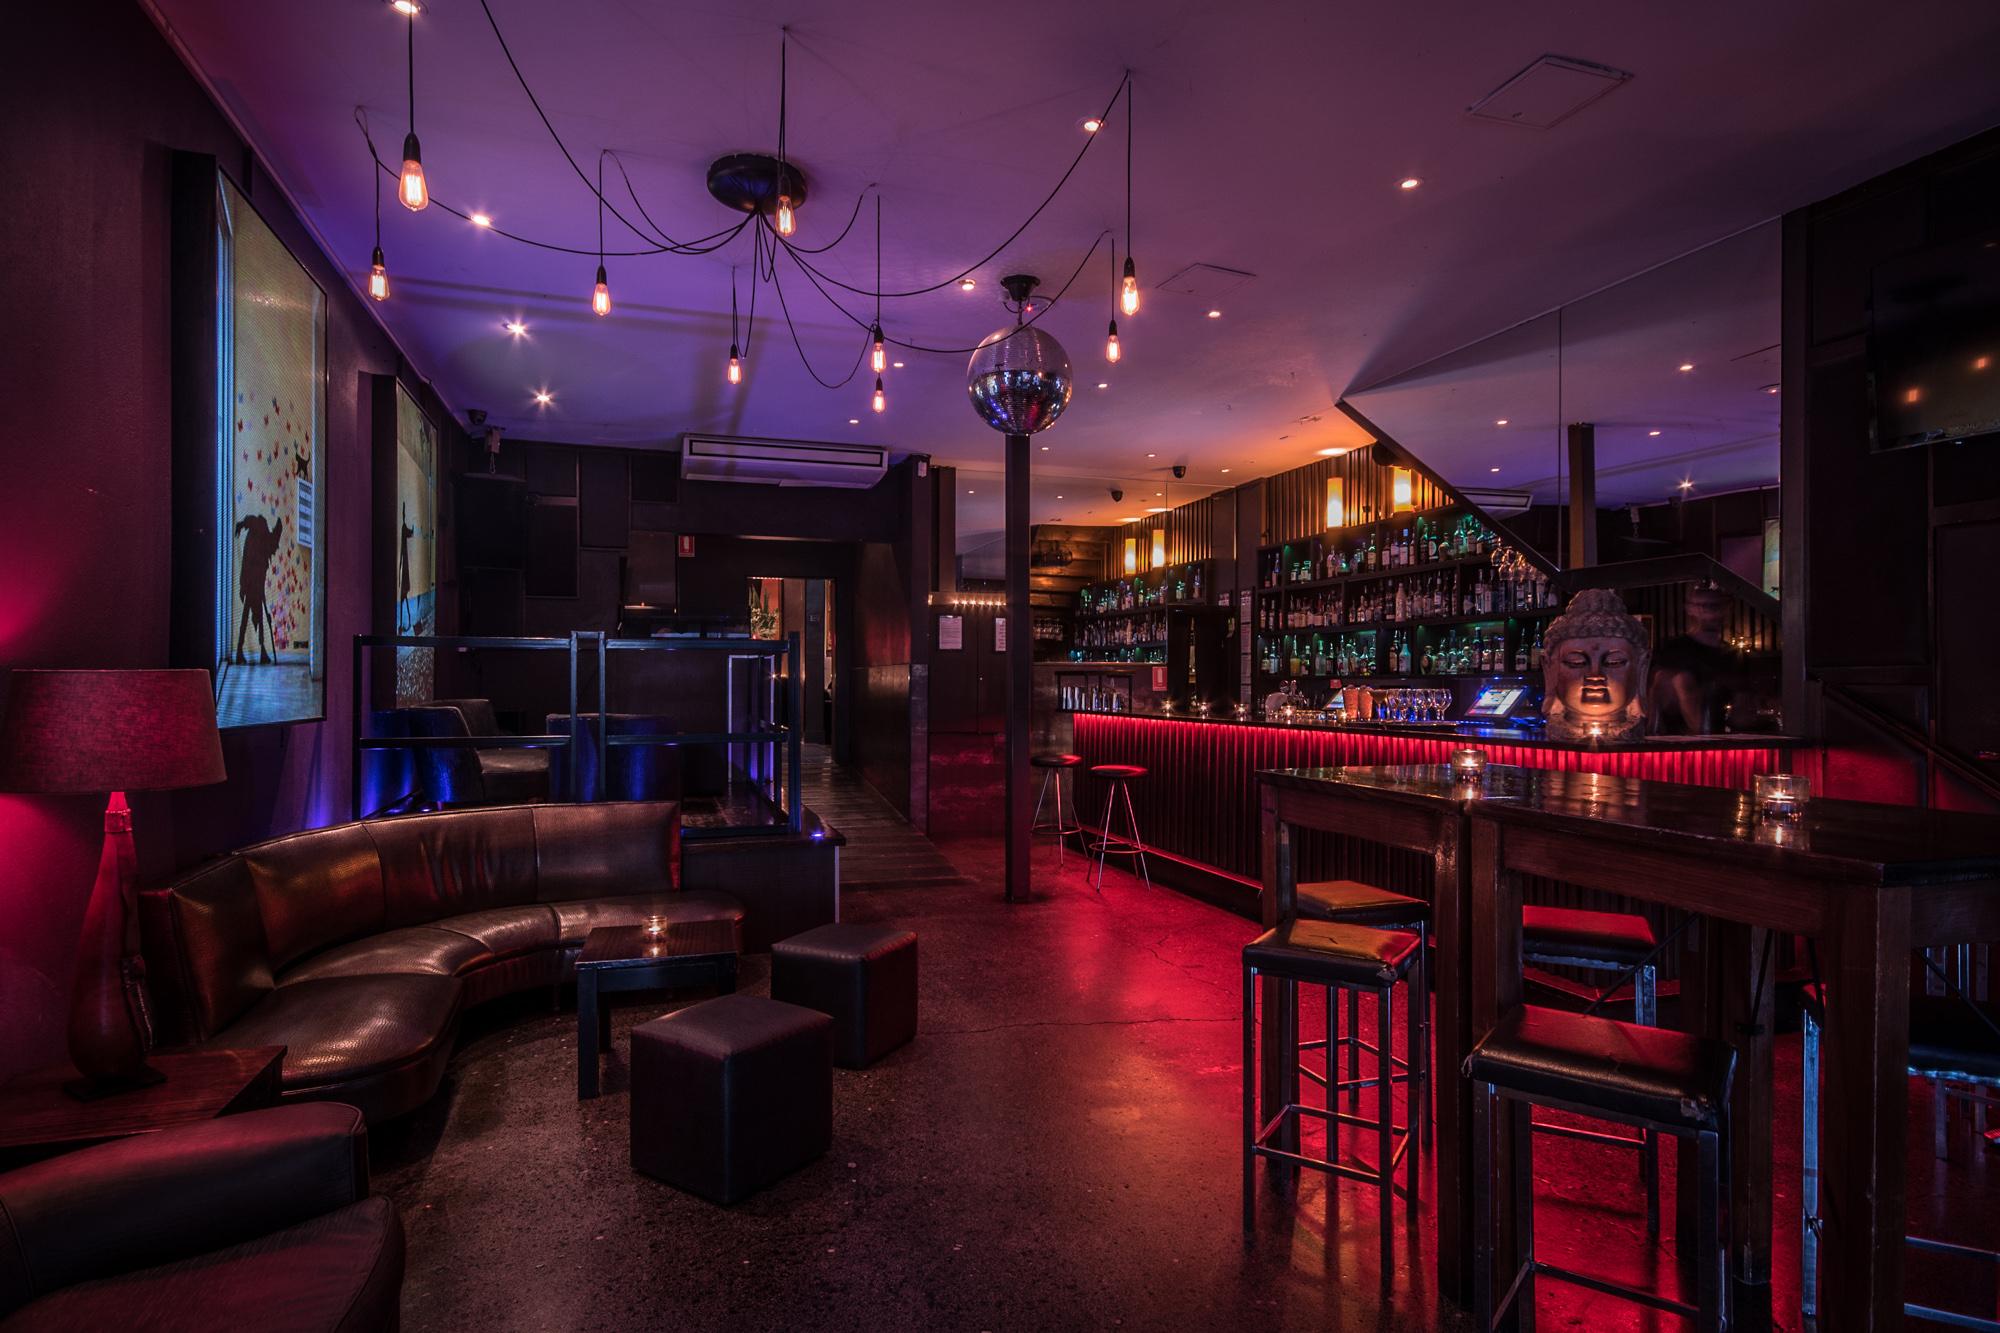 The Lounge shared bar